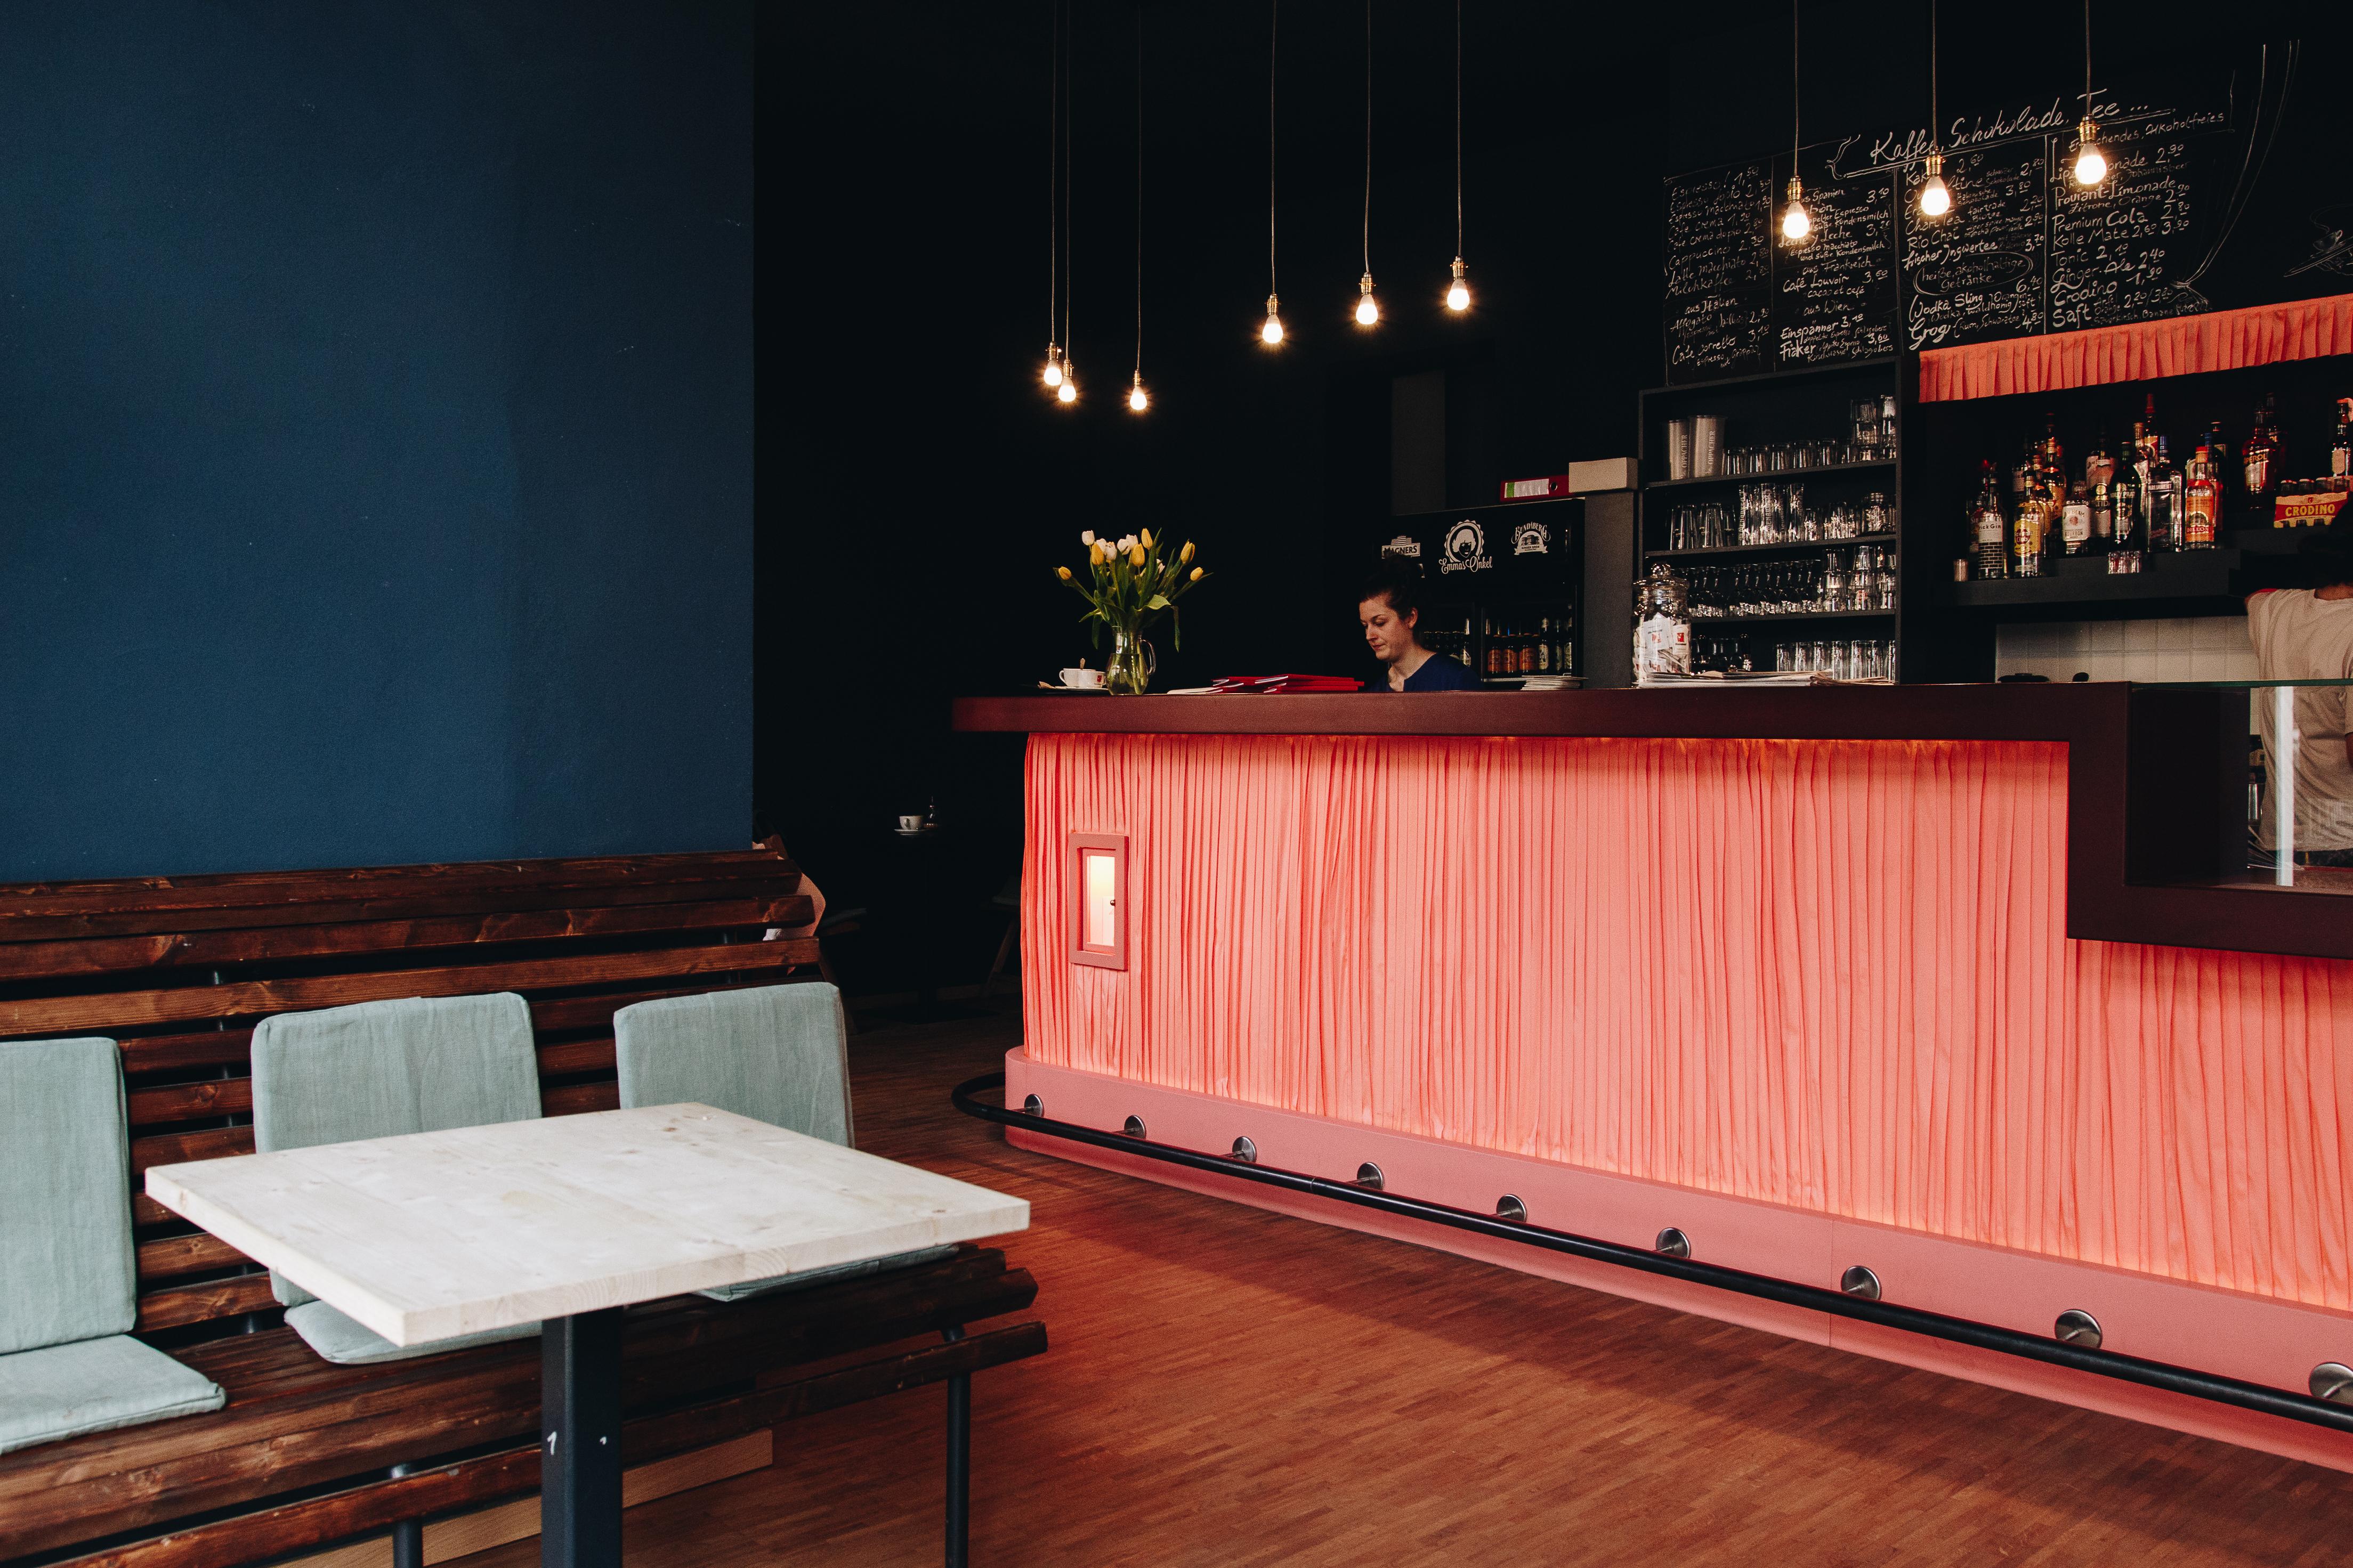 emmas onkel-chemnitz-café-kuchen-annabelle sagt19